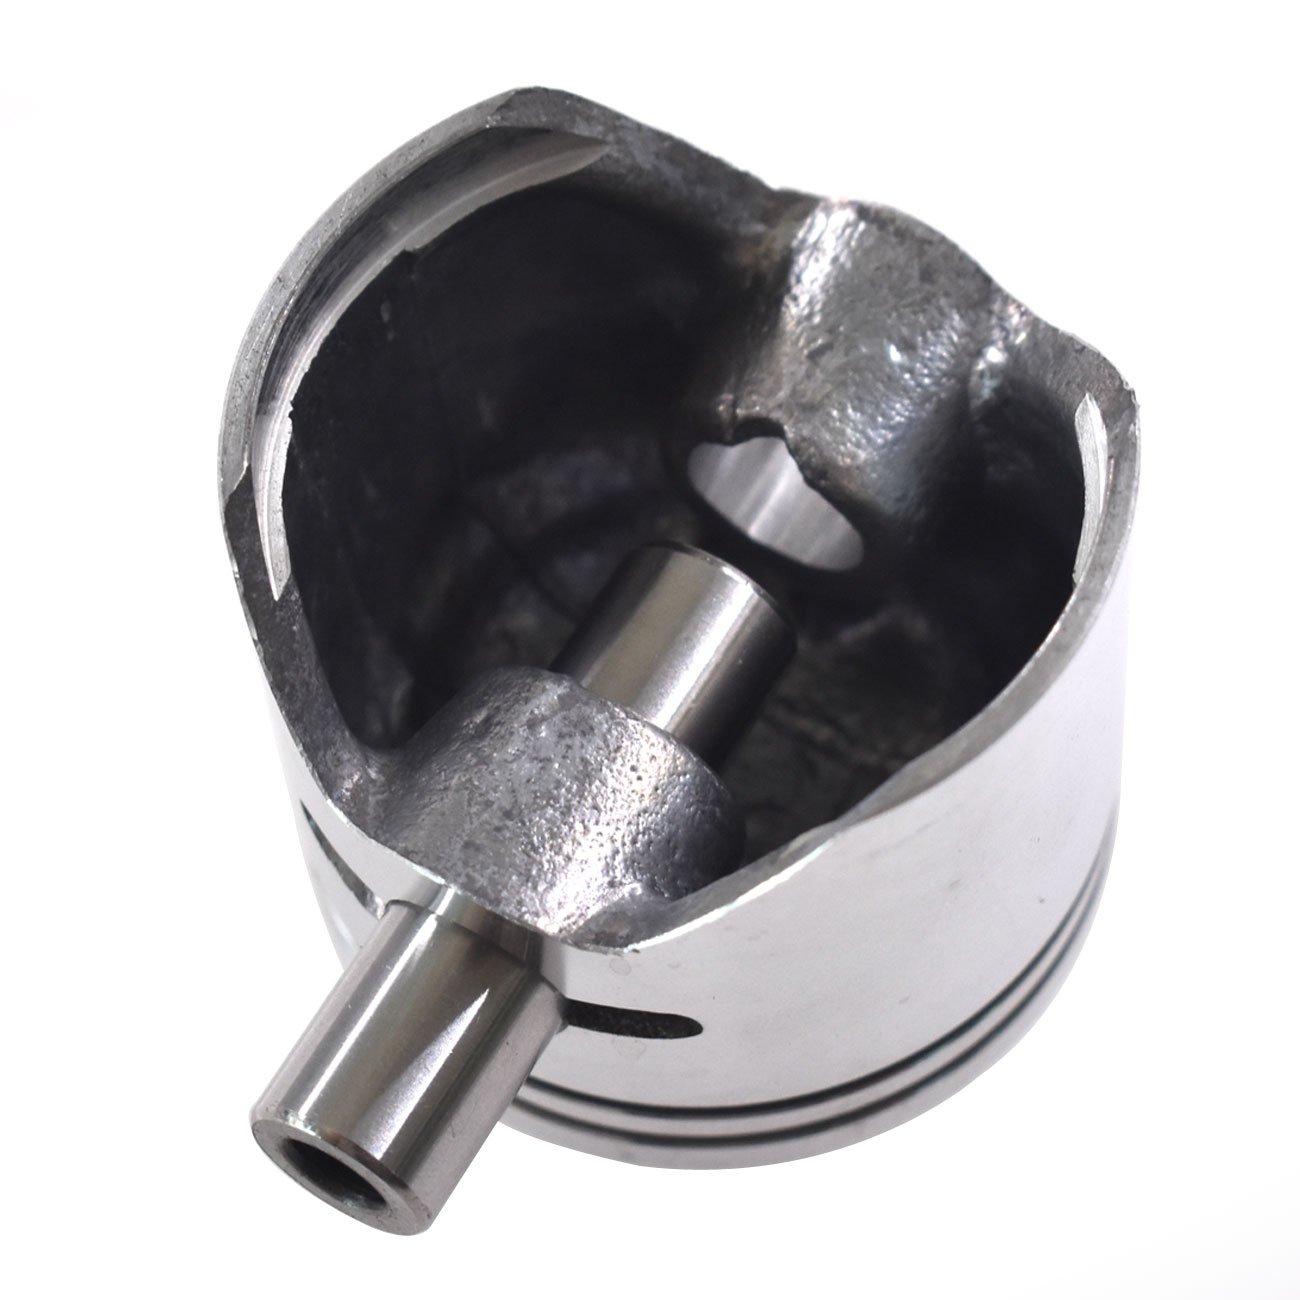 JRL Crankcase Gasket For Zenoah G26LS 25.4CC Brushcutter Strimmer